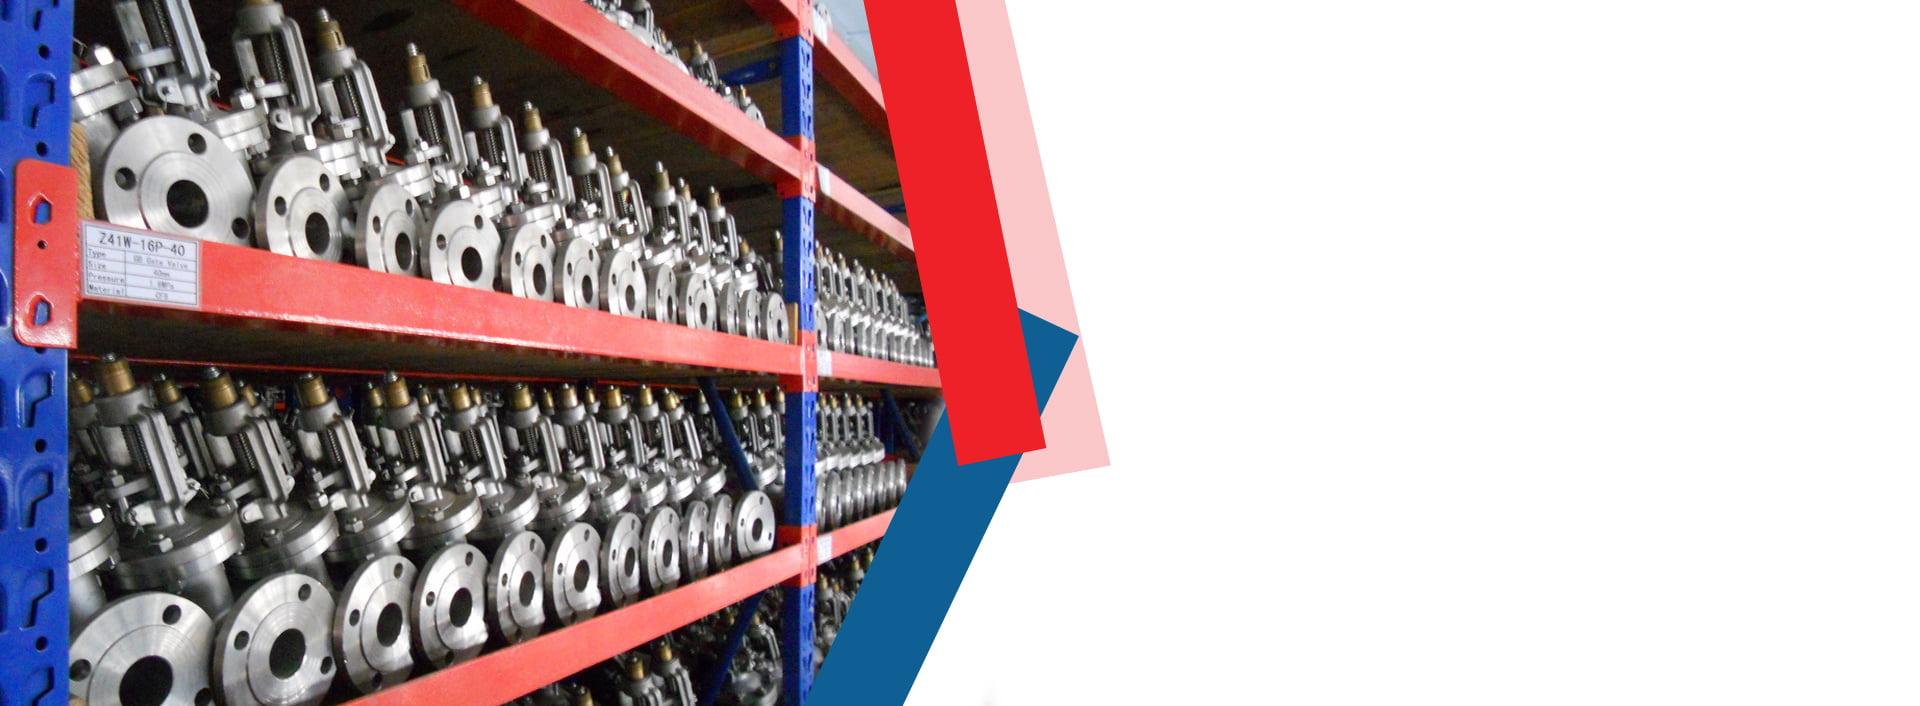 Lienetic Jaya Jual Pressure Gauge dan Schneider Electric Resmi